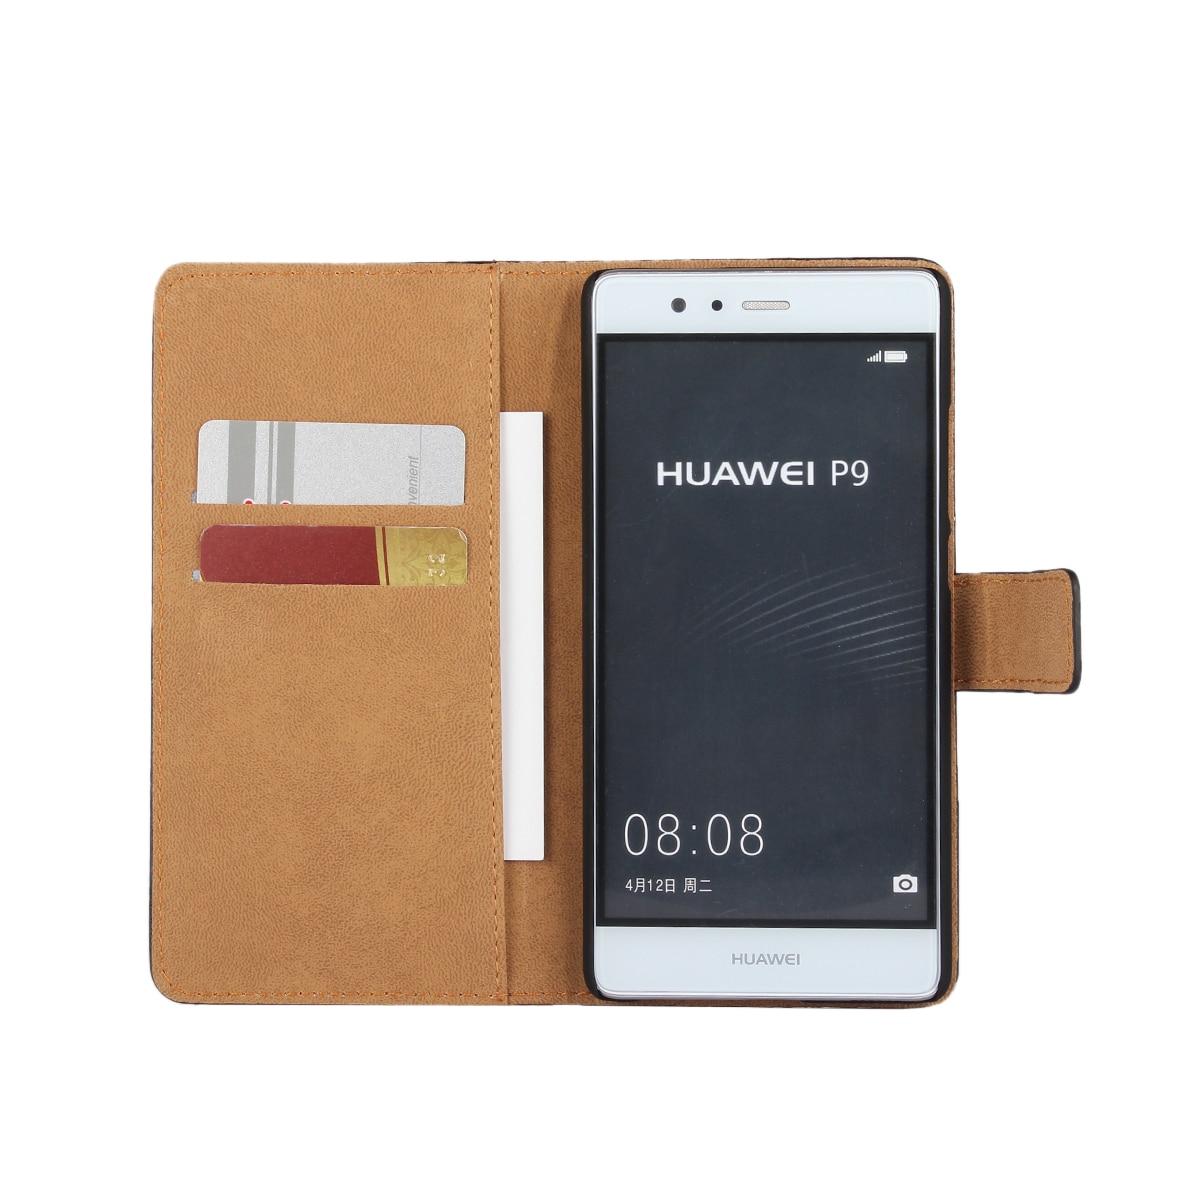 Huawei P9 üçün Case, kart yuvaları və nağd sahibi GG ilə - Cib telefonu aksesuarları və hissələri - Fotoqrafiya 3